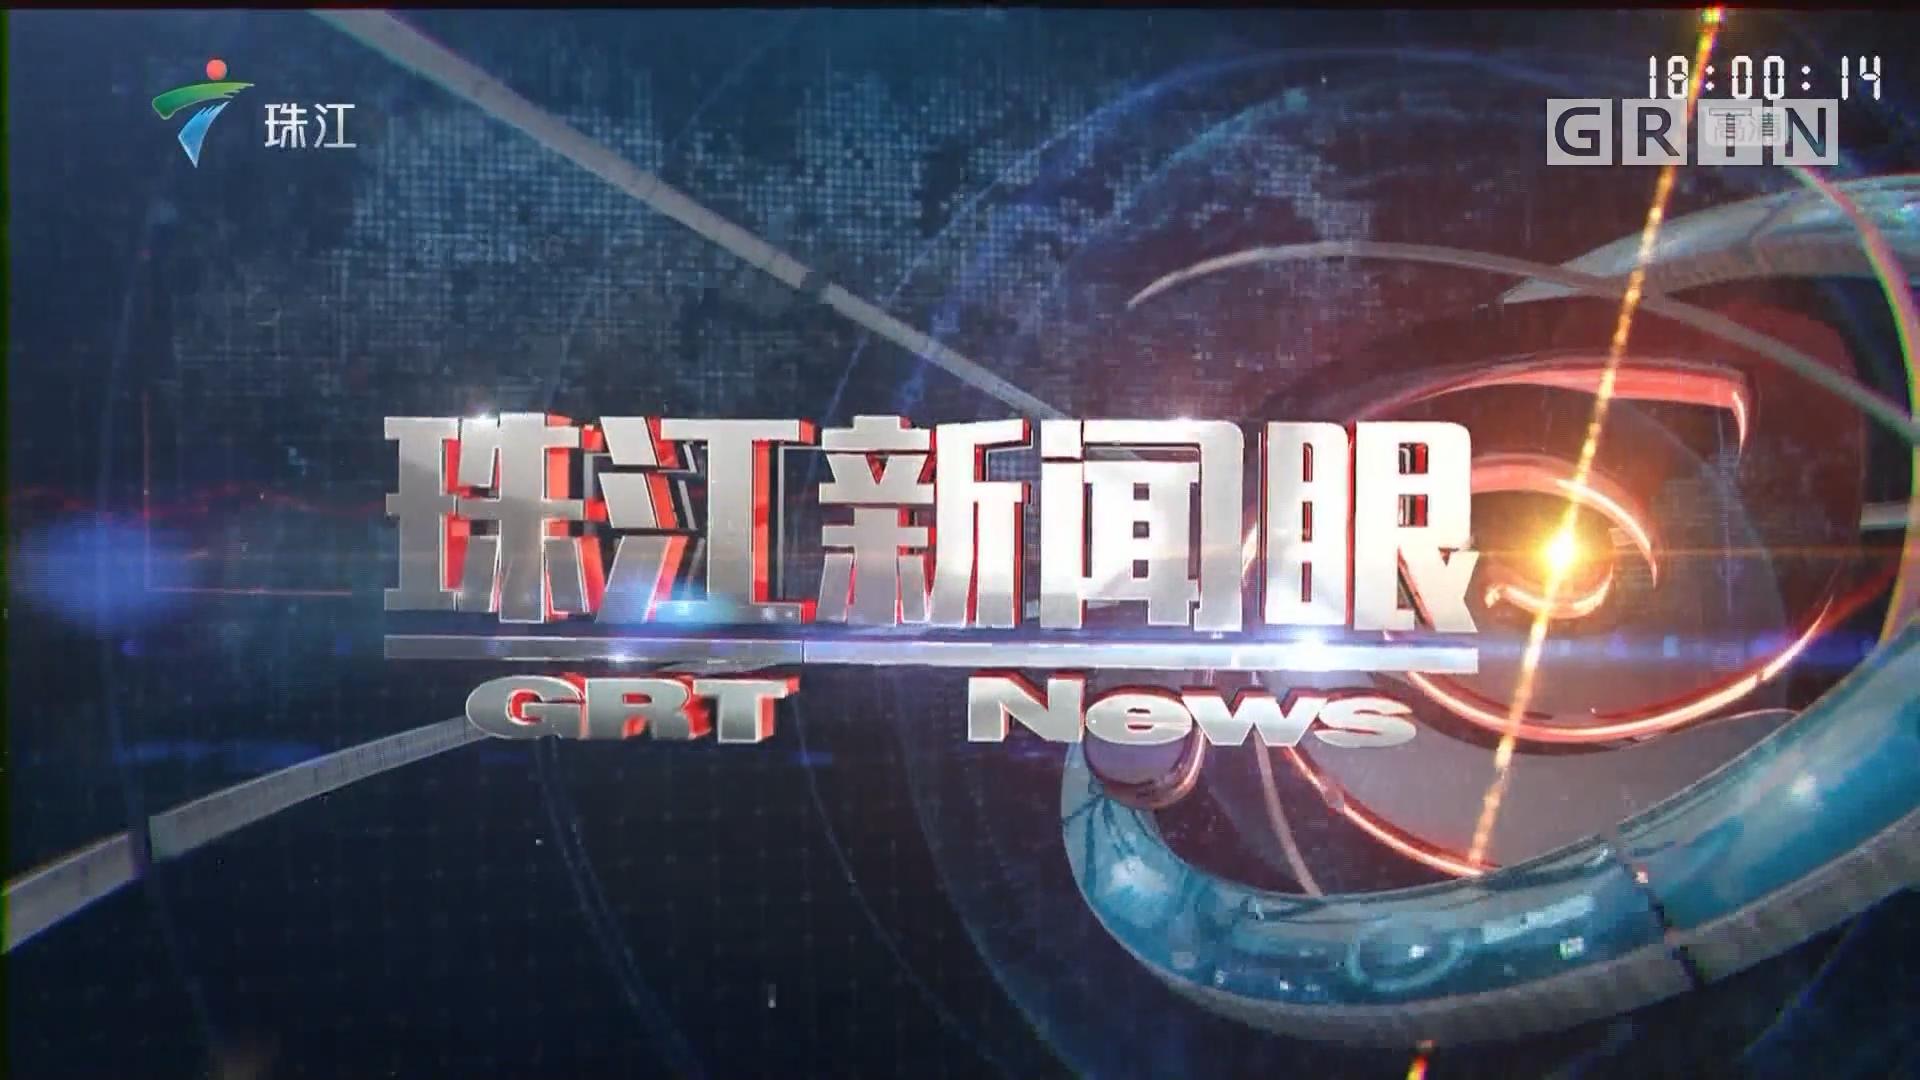 [HD][2019-09-13]珠江新闻眼:游子踏上归家路 铁路 公路 机场出行忙